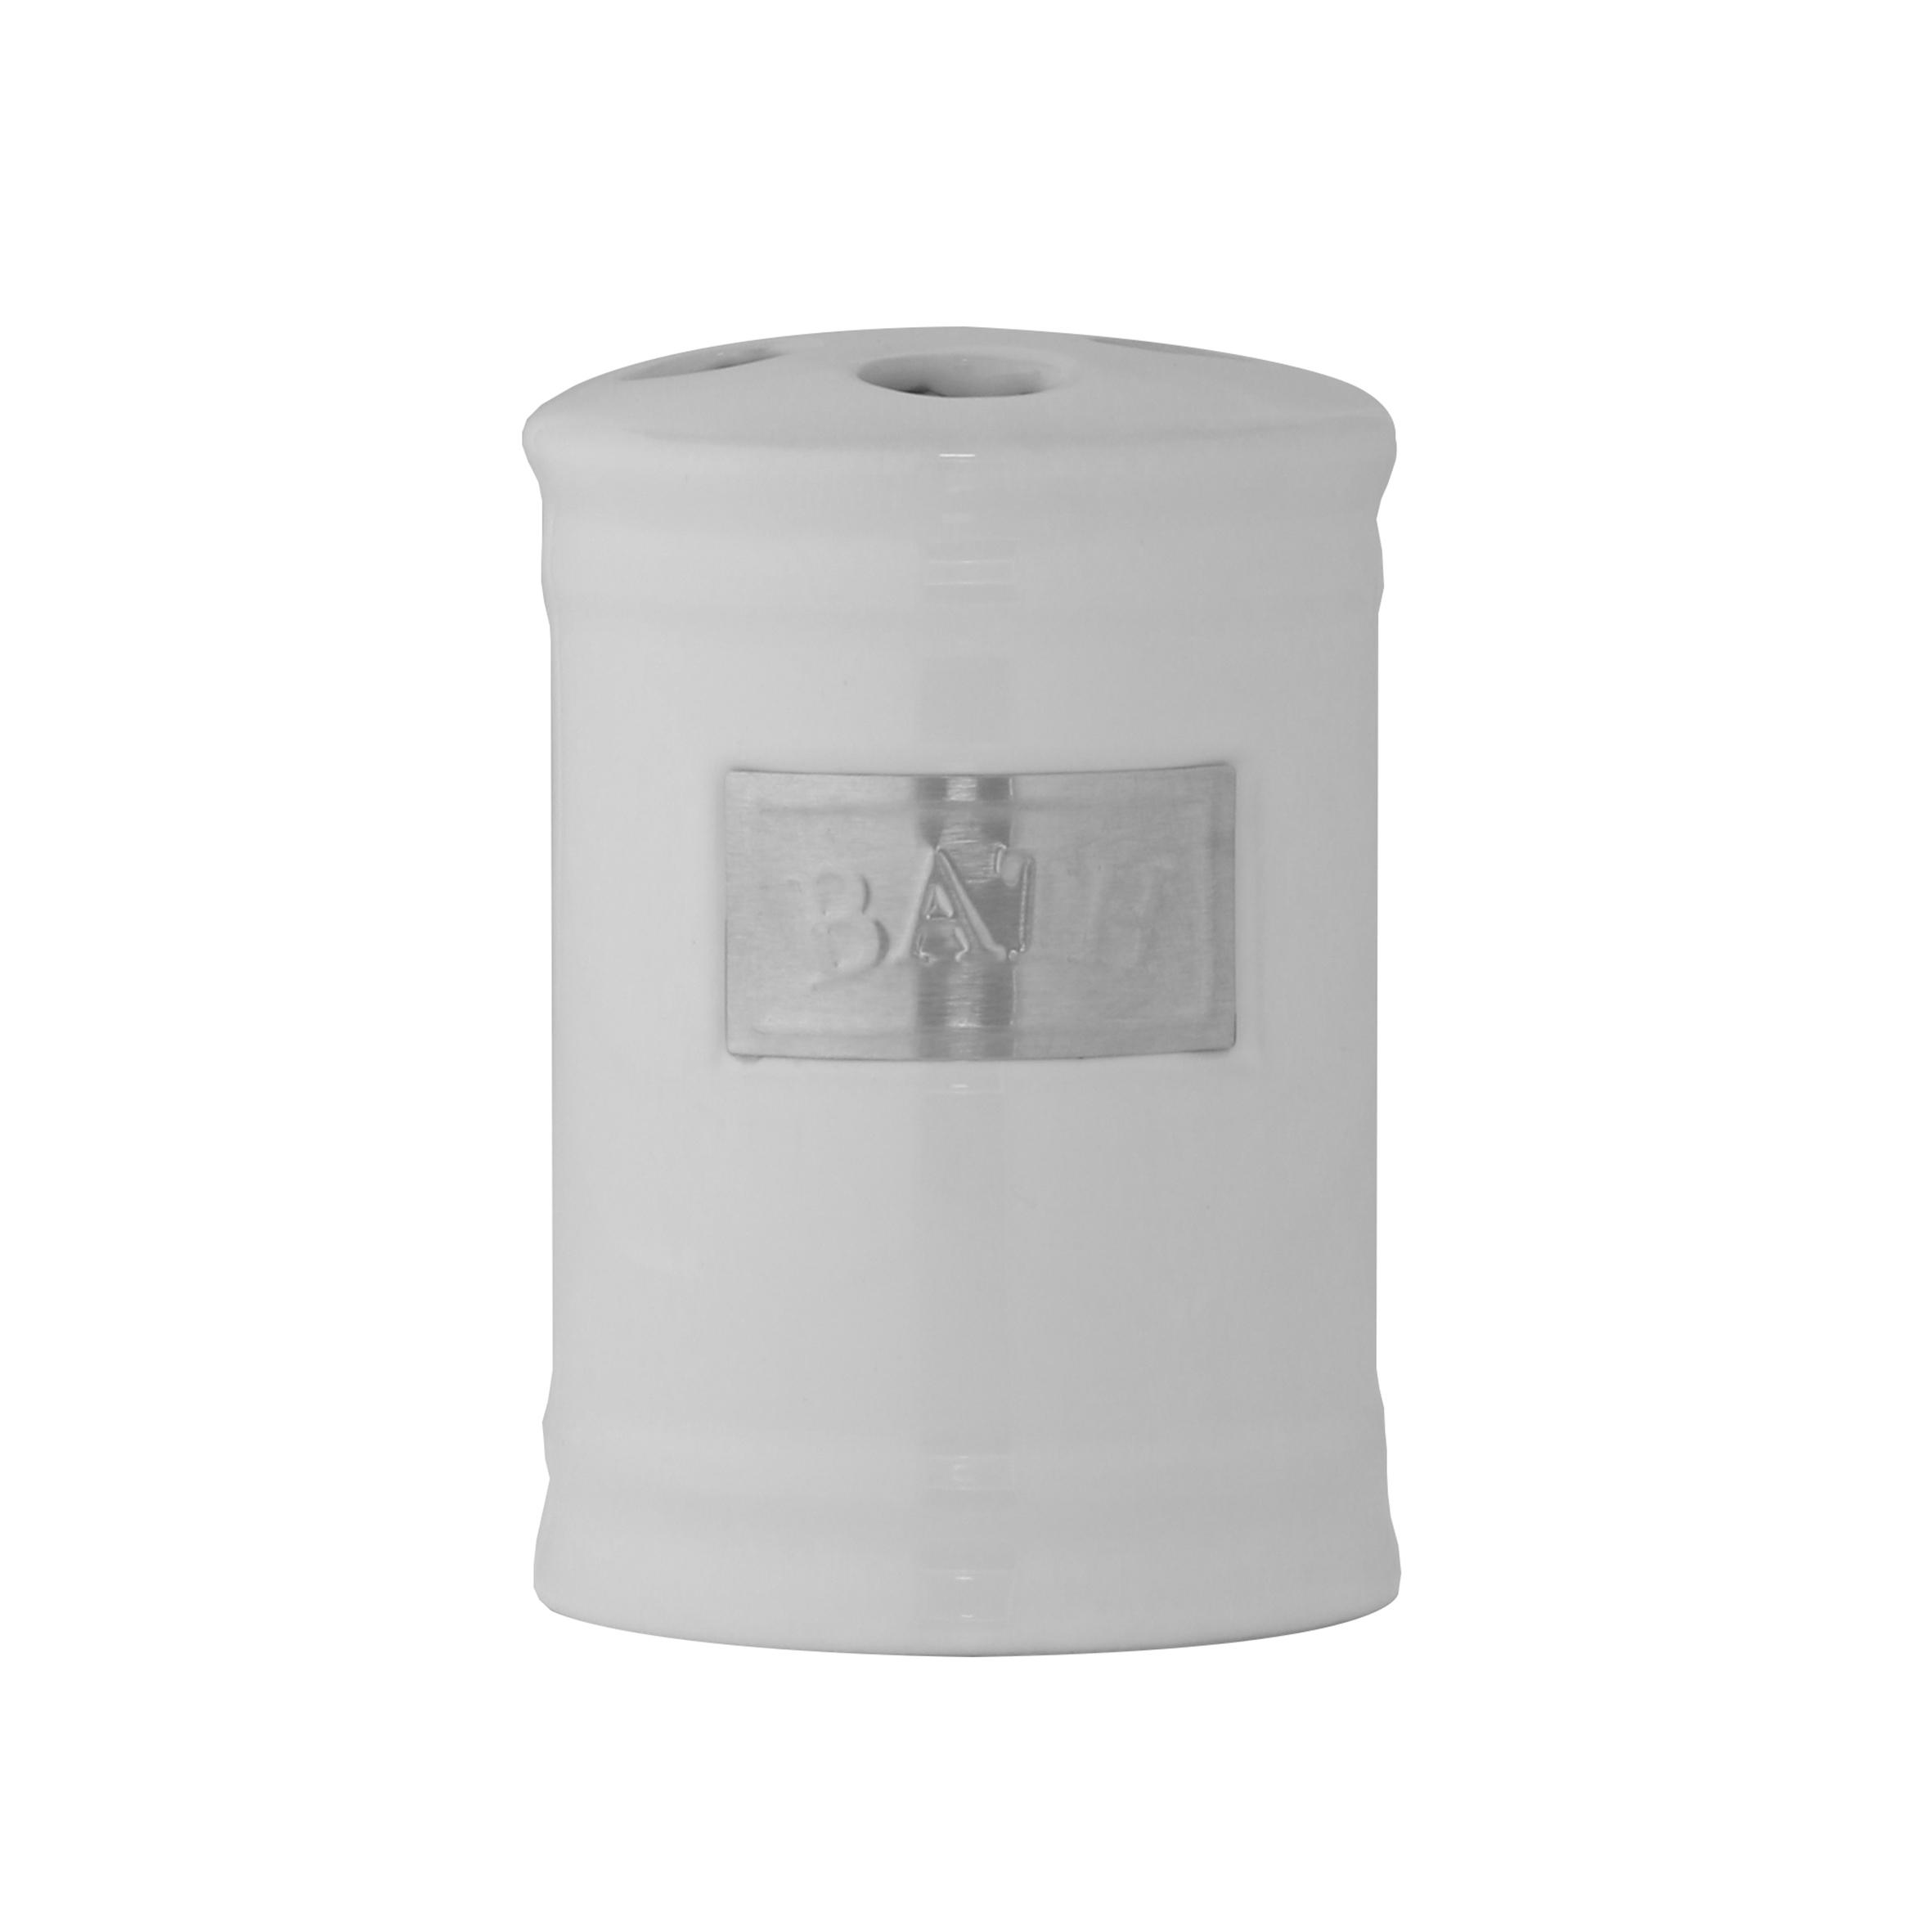 Стакан для зубных щеток Axentia Lyon, цвет: белый, серебристый122425Стакан для зубных щеток из коллекции Axentia Lyon - это сочетание белоснежной керамики с элементами из нержавеющей стали в античном стиле, подойдет для любого интерьера ванной комнаты.